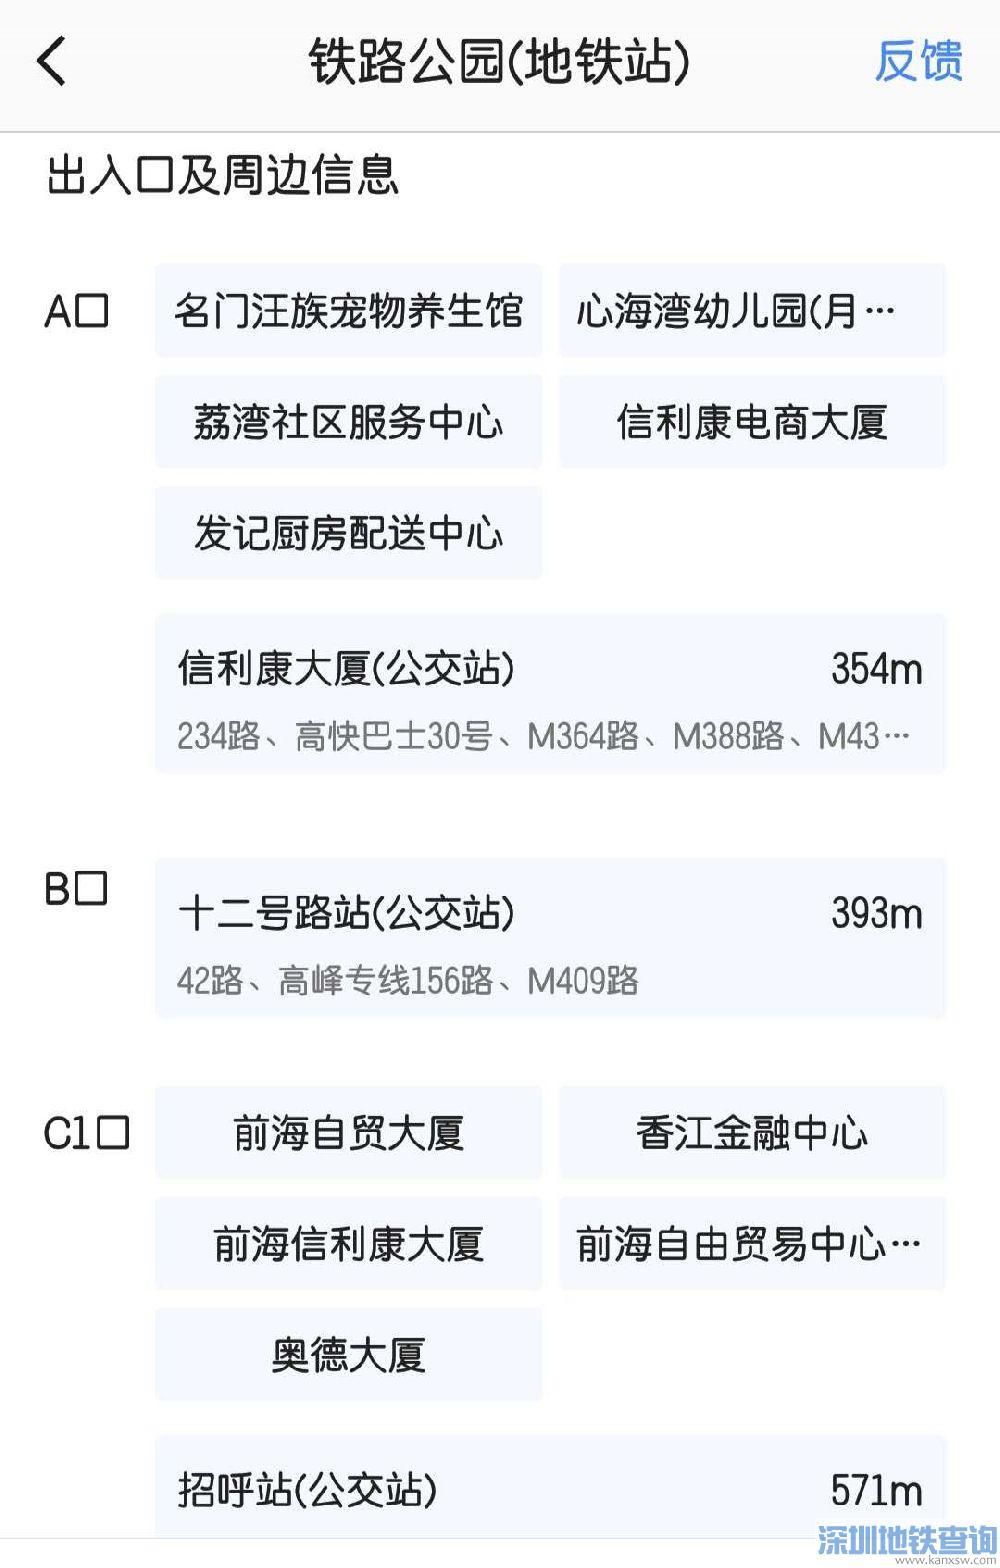 深圳地铁5号线南延线铁路公园站位置在哪里?出入口分布图可换乘的公交线路一览